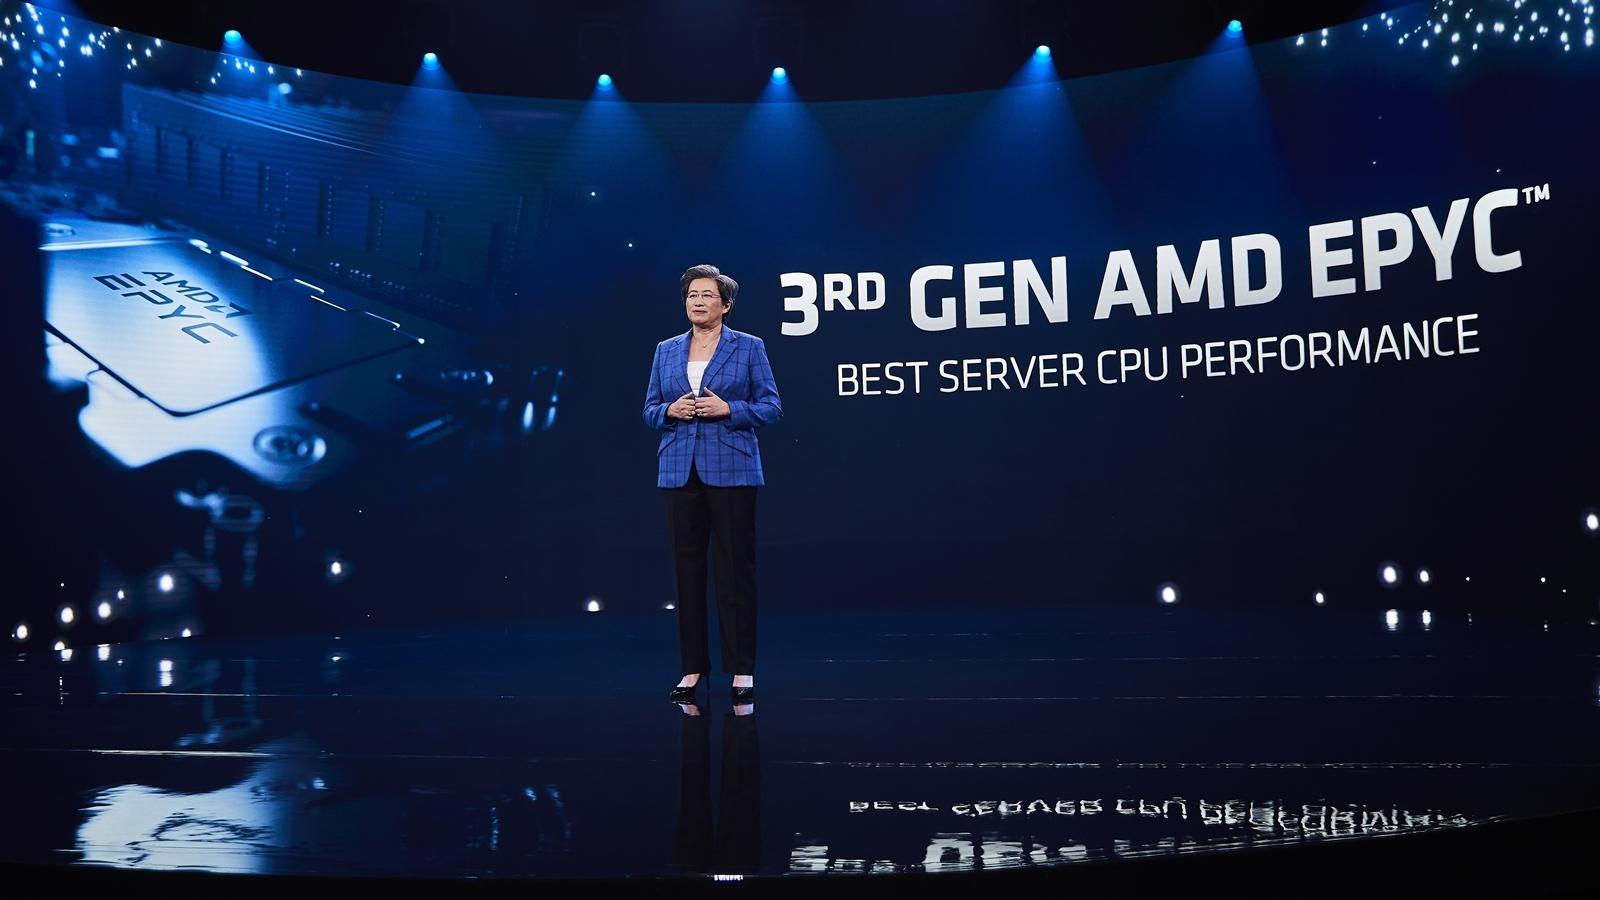 第3世代EPYCプロセッサー「EPYC 7003シリーズ」を発表するCEOのLisa Su氏 (出所:AMD)